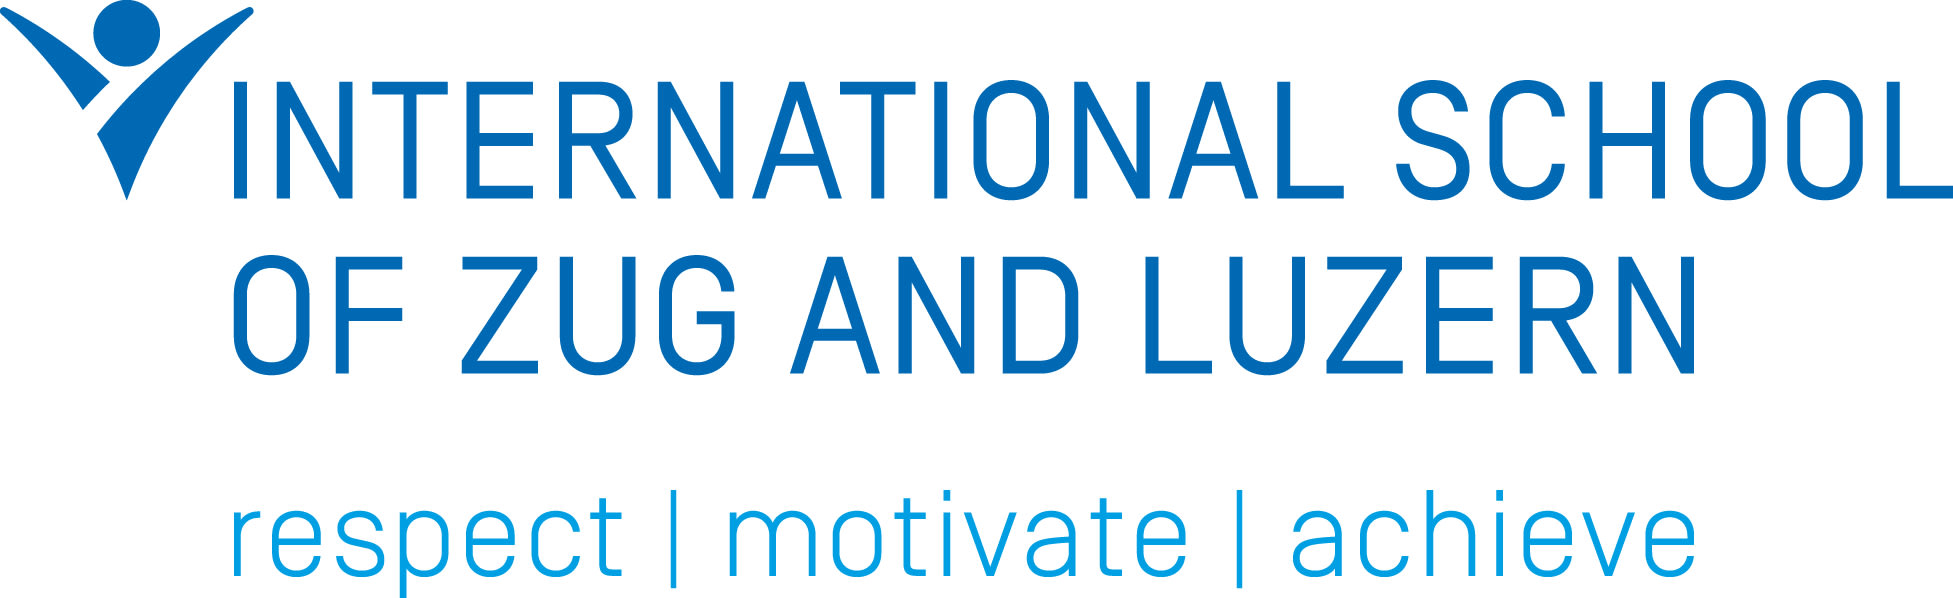 ISZL Logo RGB High Resolution